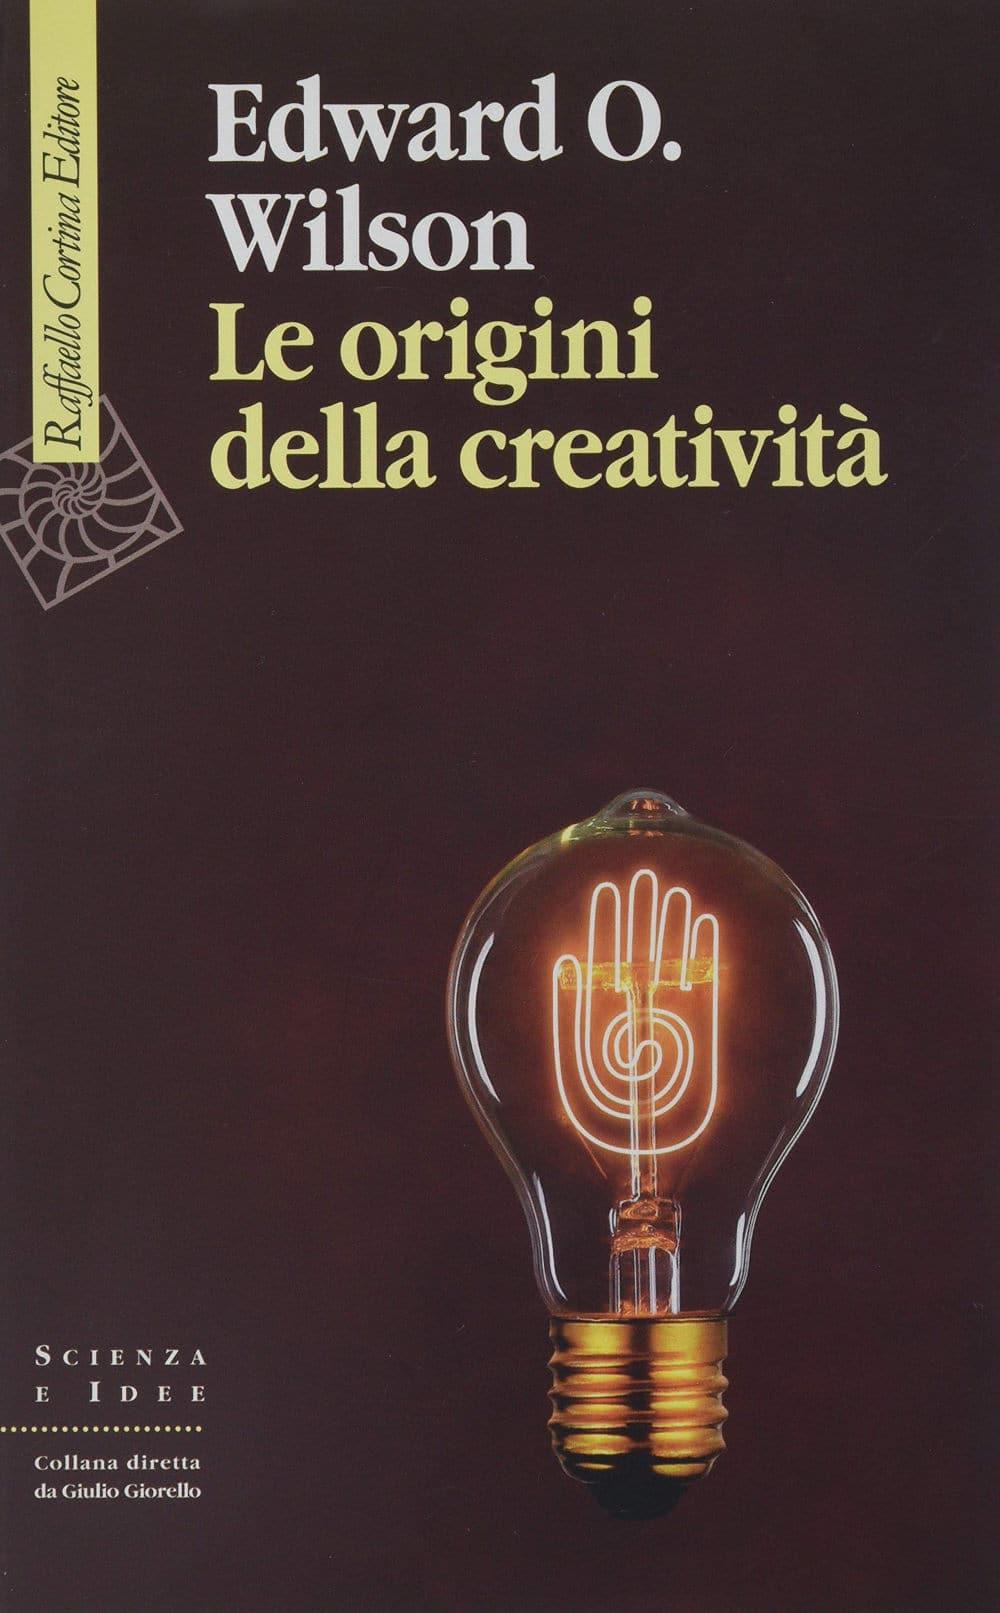 Le origini della creatività (2018) di Edward O. Wilson – Recensione del libro